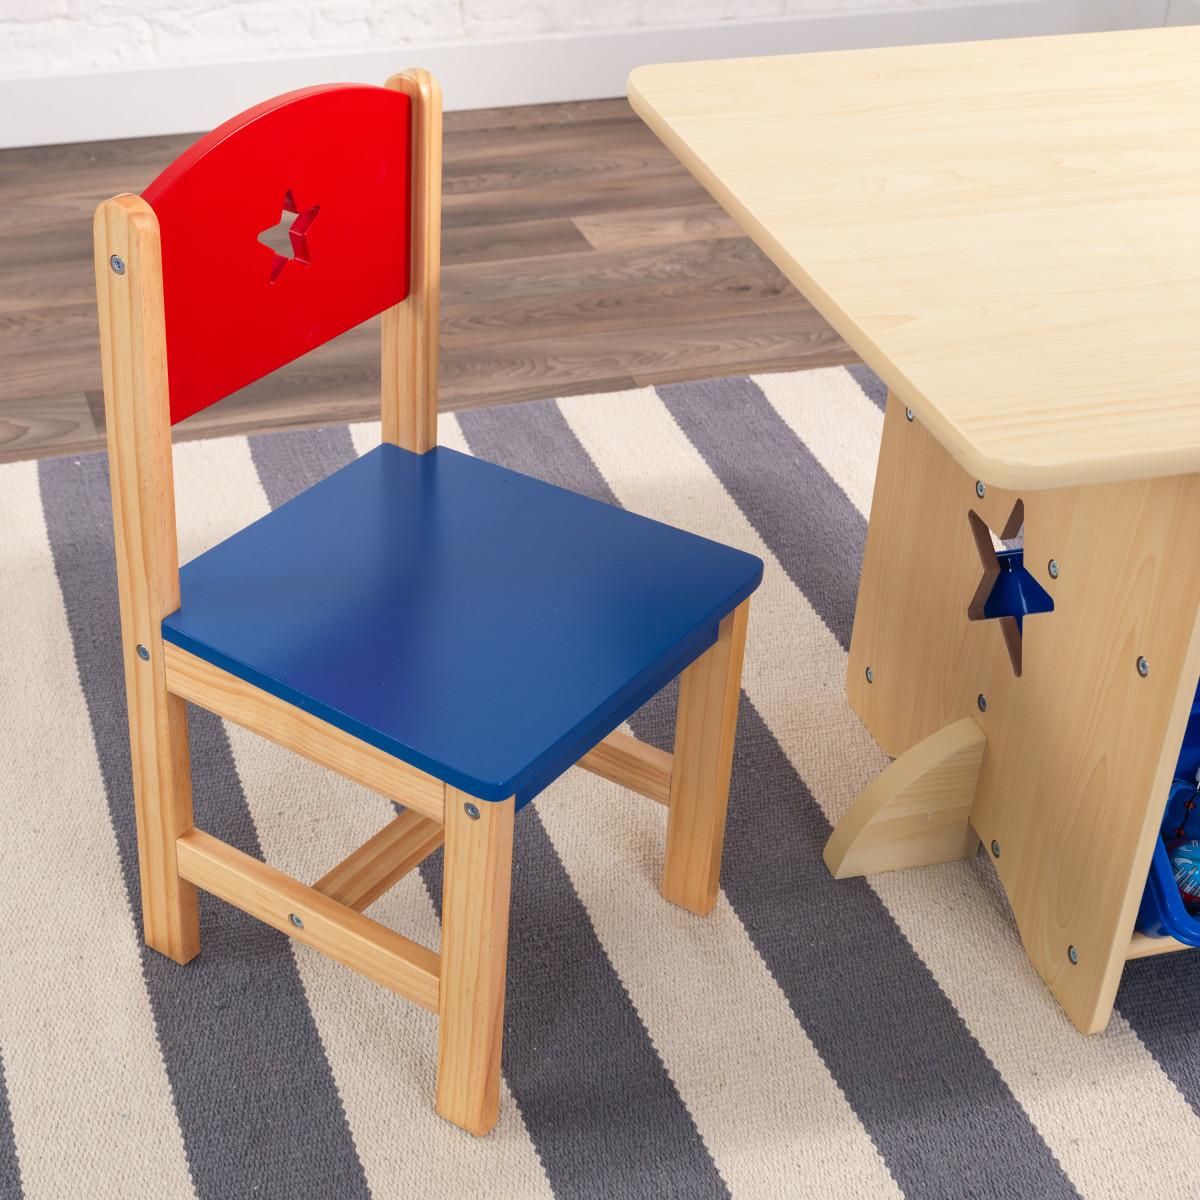 KidKraft Ensemble Table Et Chaises Avec Motif Toile 26912